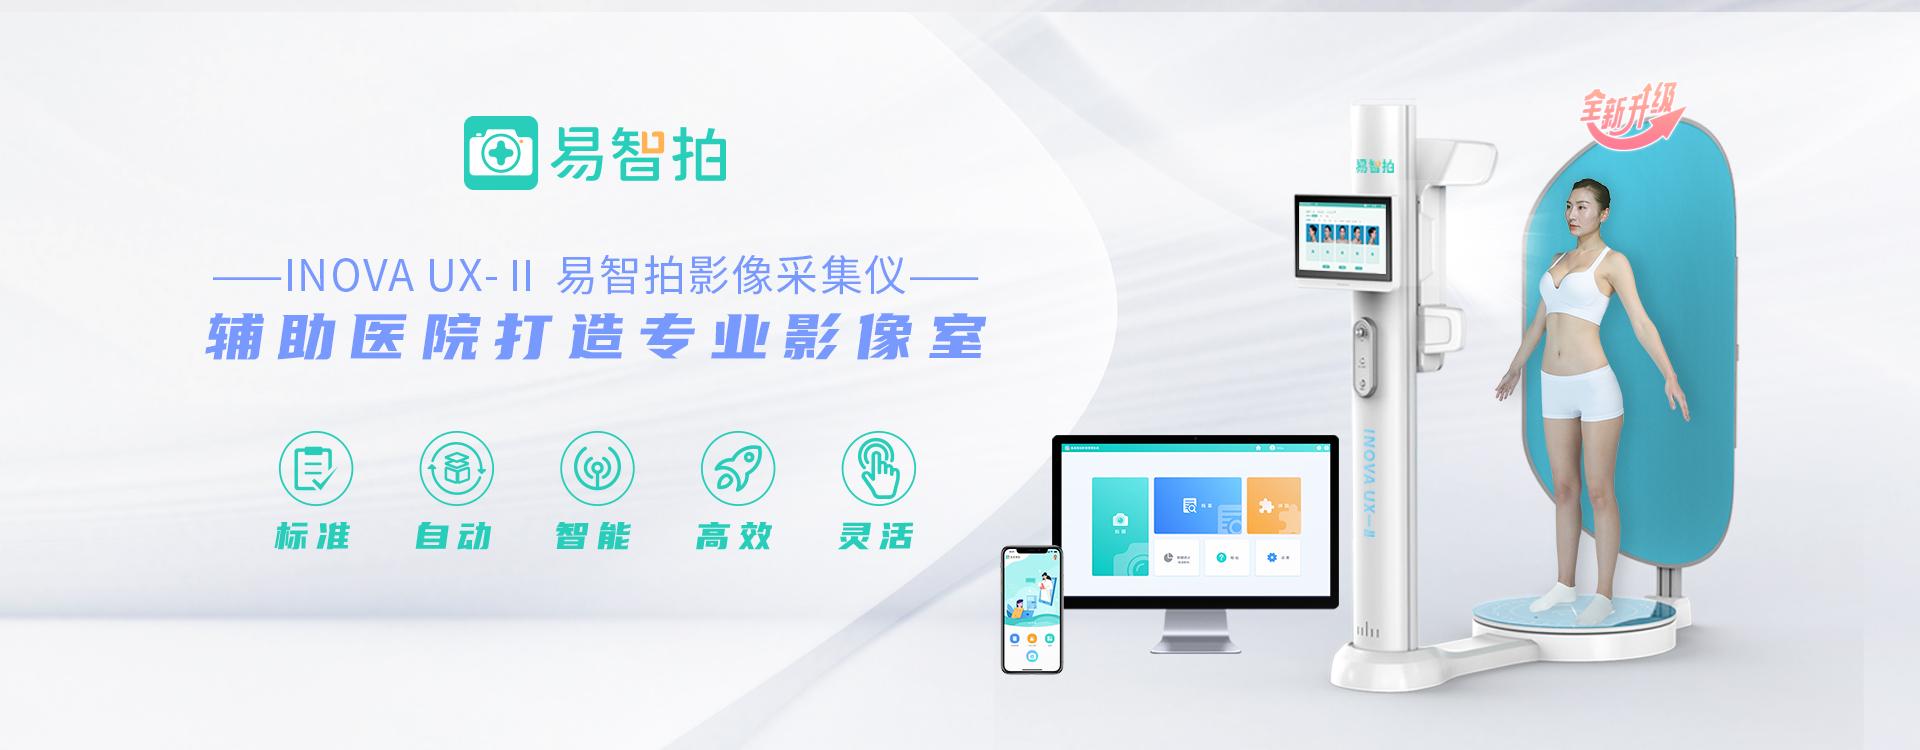 深圳市大族三维科技有限公司—官网